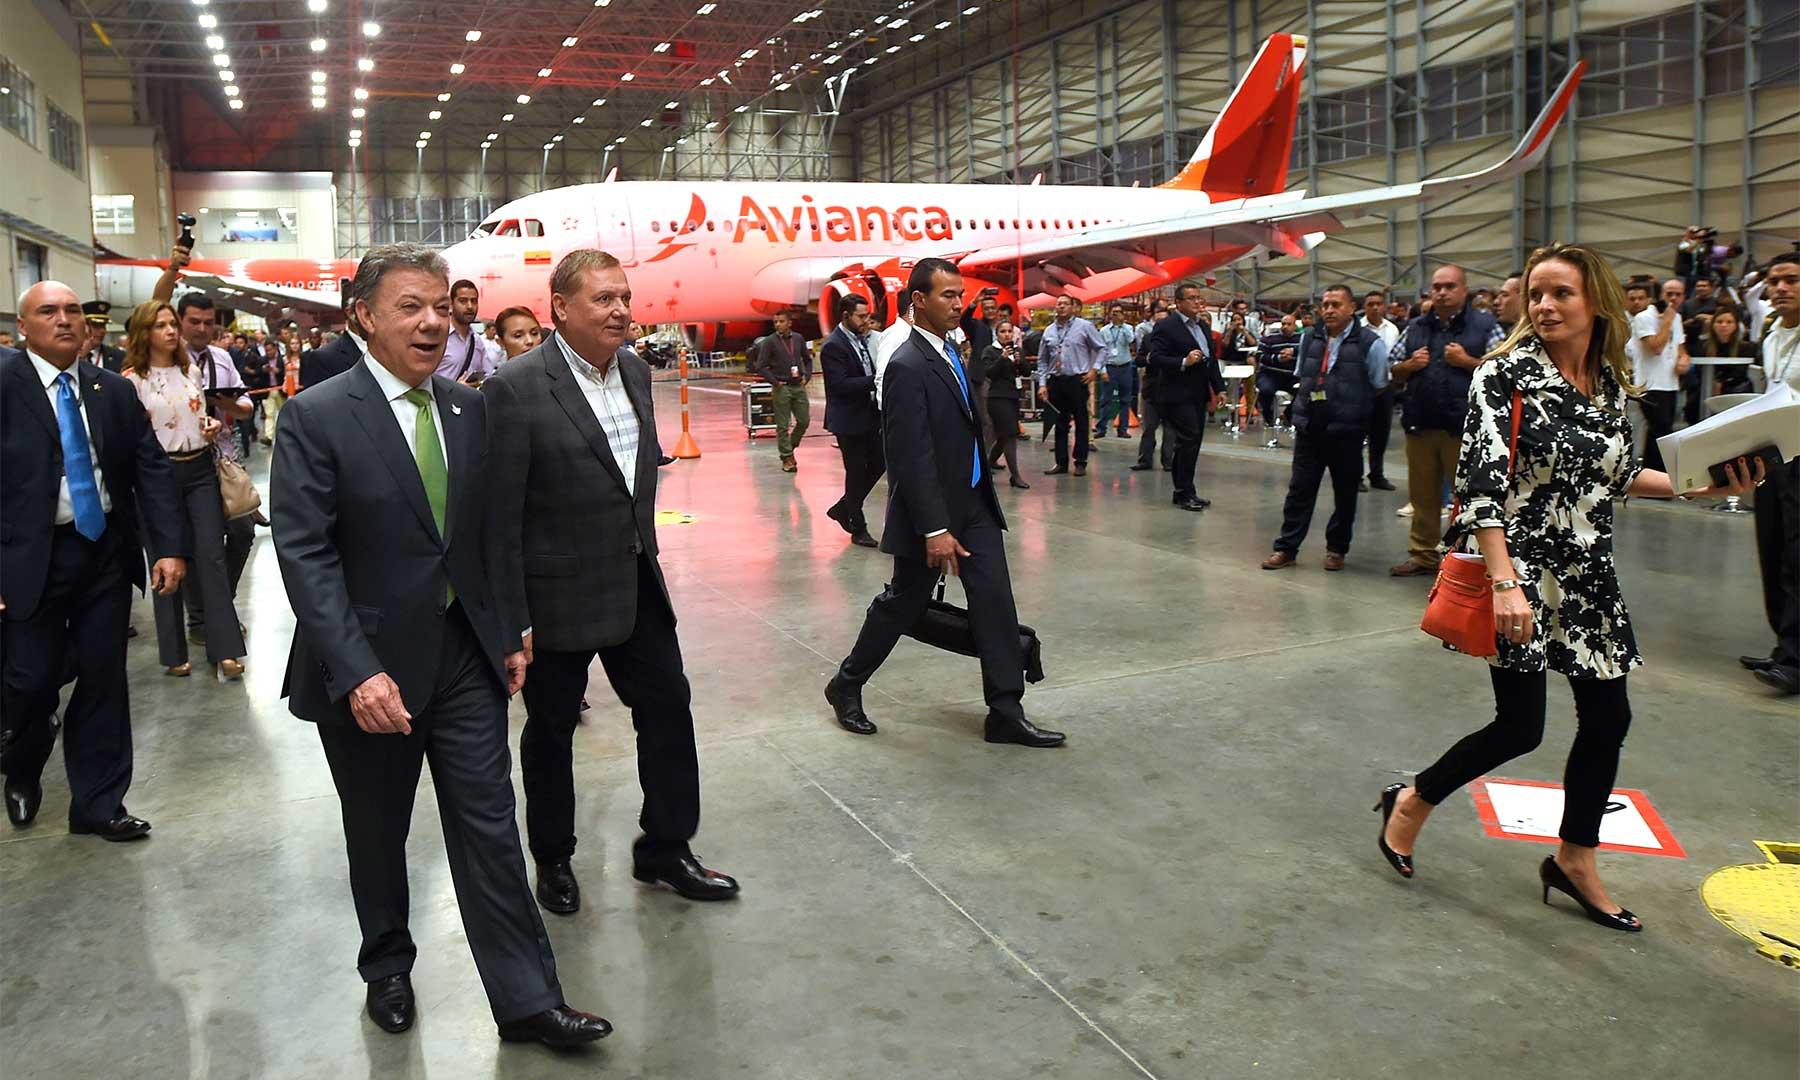 El Presidente Santos recorre el nuevo Centro de Mantenimiento de Avianca, considerado el más moderno de América Latina, con casi 45.000 metros cuadrados de instalaciones.